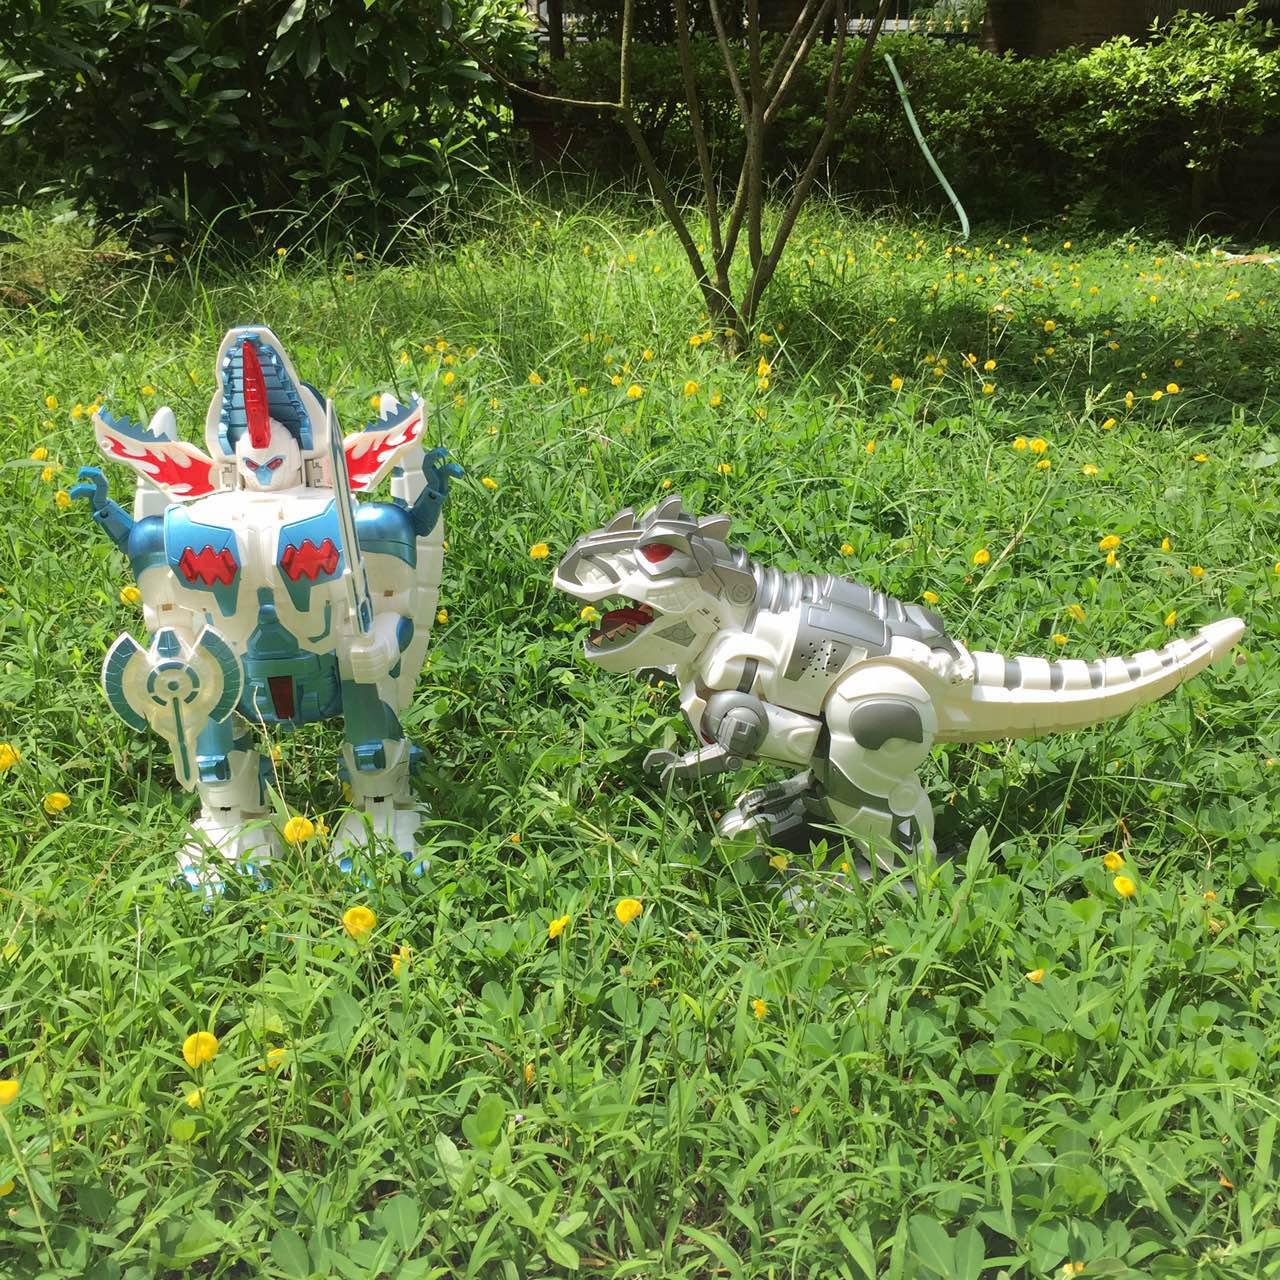 Chính hãng Khủng Long Lớn Tyrannosaurus Rex Cử Chỉ Quy Nạp Biến Dạng Điều Khiển Từ Xa Thông Minh Dancing Robot Đồ Chơi Món Quà Cậu Bé